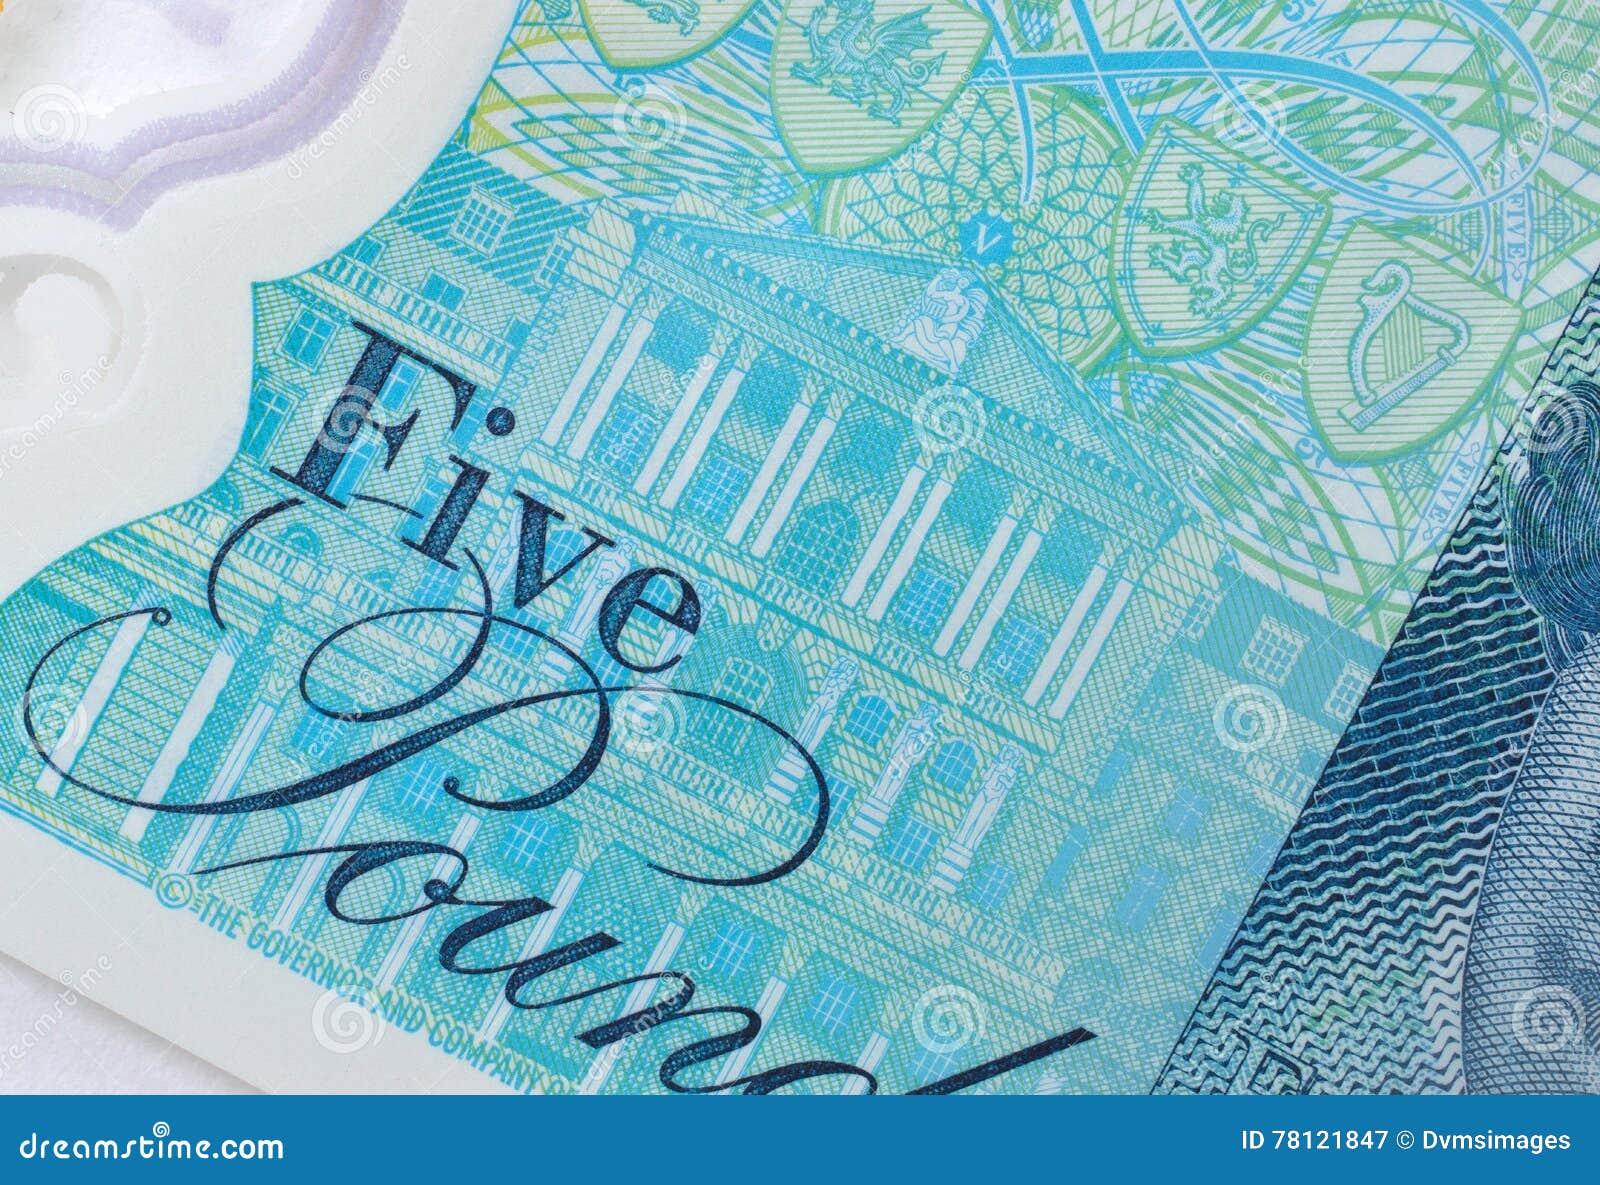 Banco de Inglaterra en nota de cinco libras